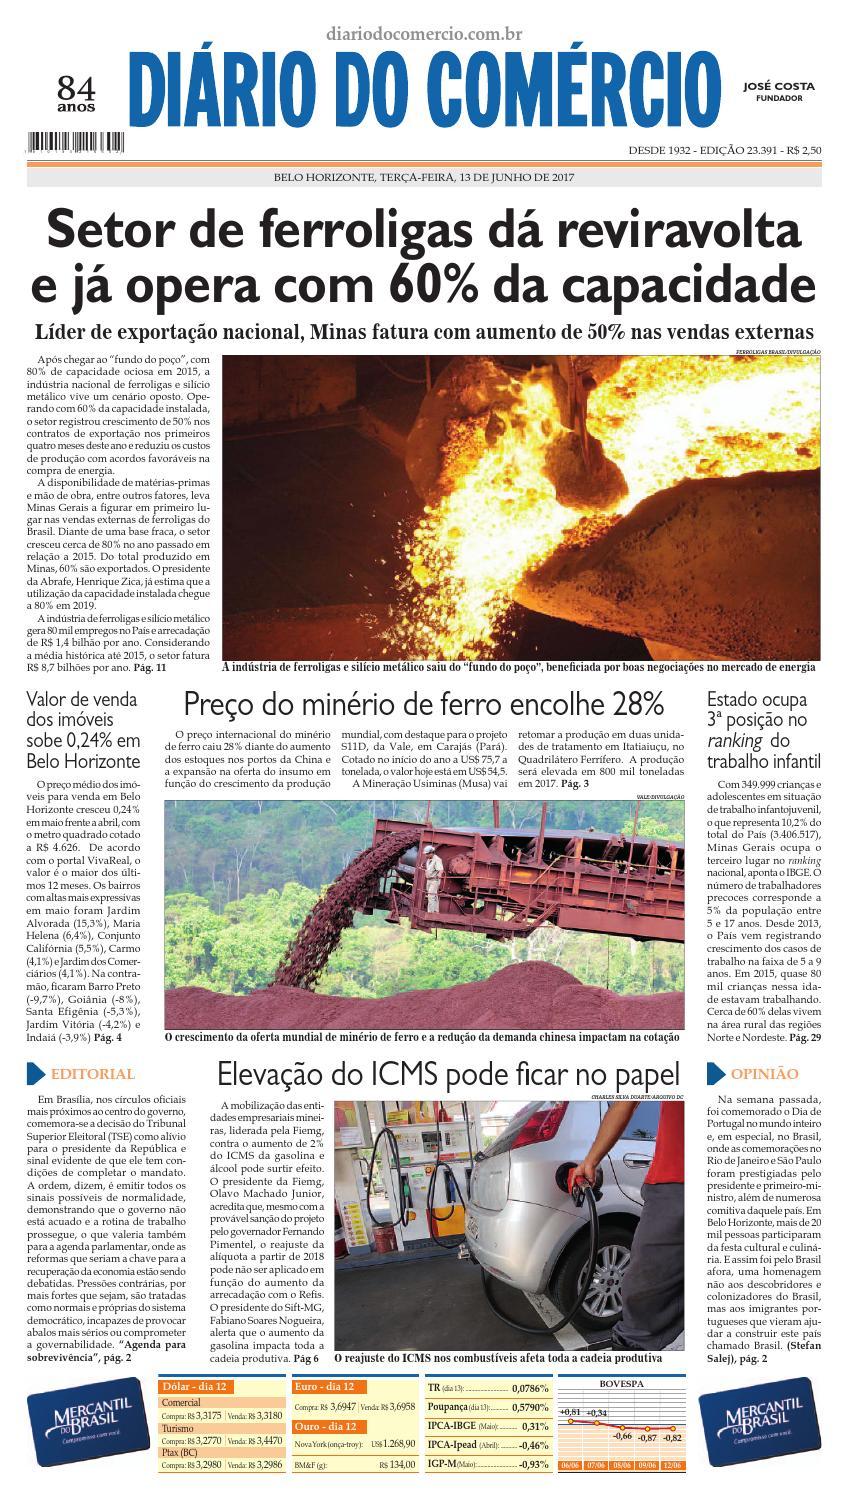 9544df1080472 23391 by Diário do Comércio - Belo Horizonte - issuu